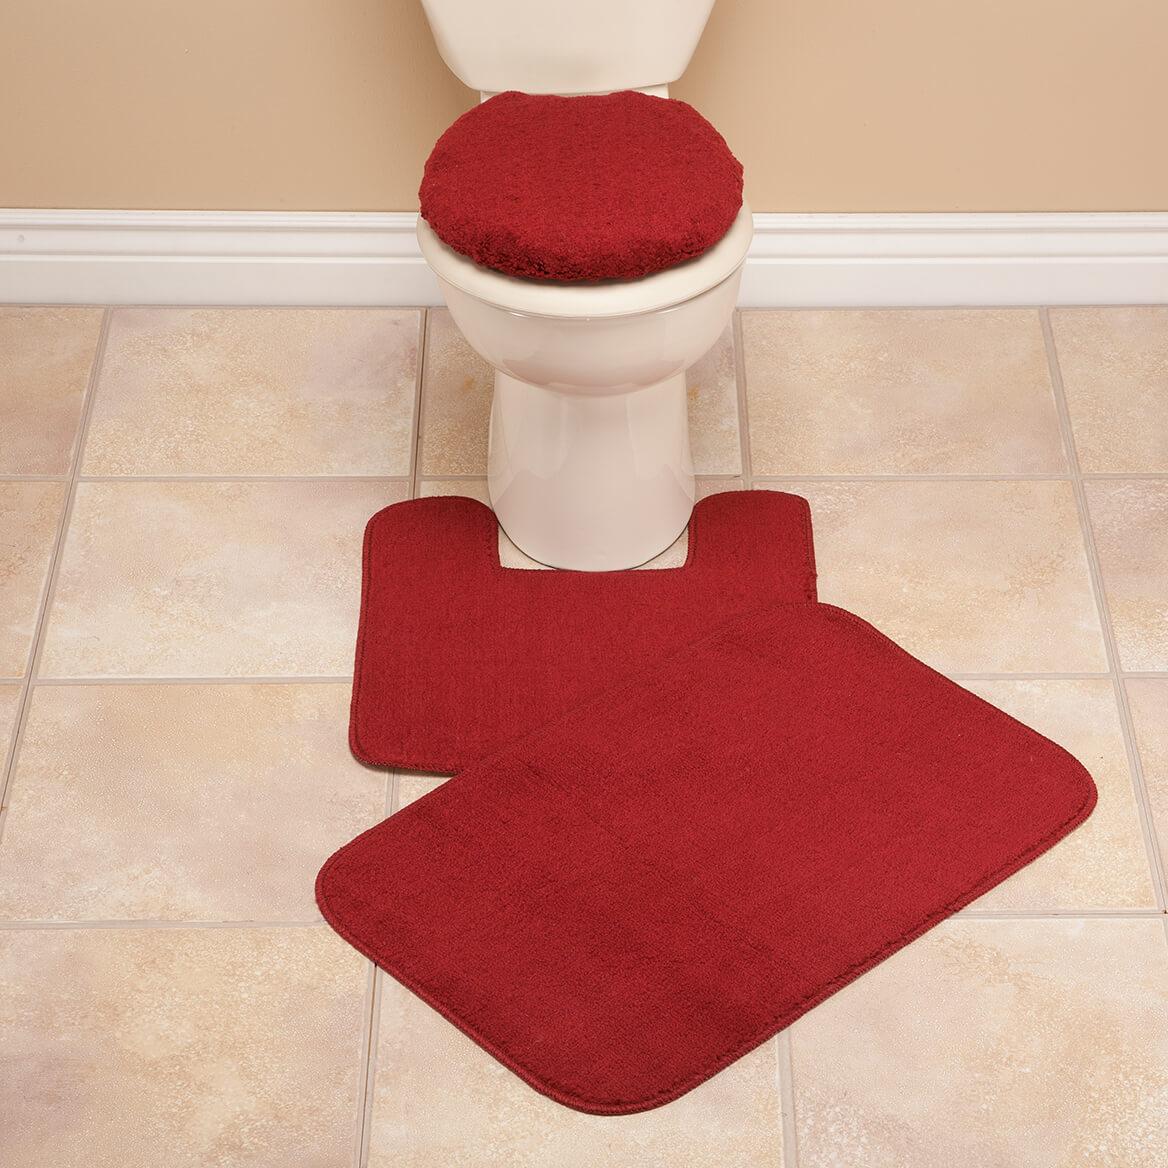 Plush Bathroom Rugs Plush Bath Rug Set Toilet Seat Cover And Rug Set Miles Kimball